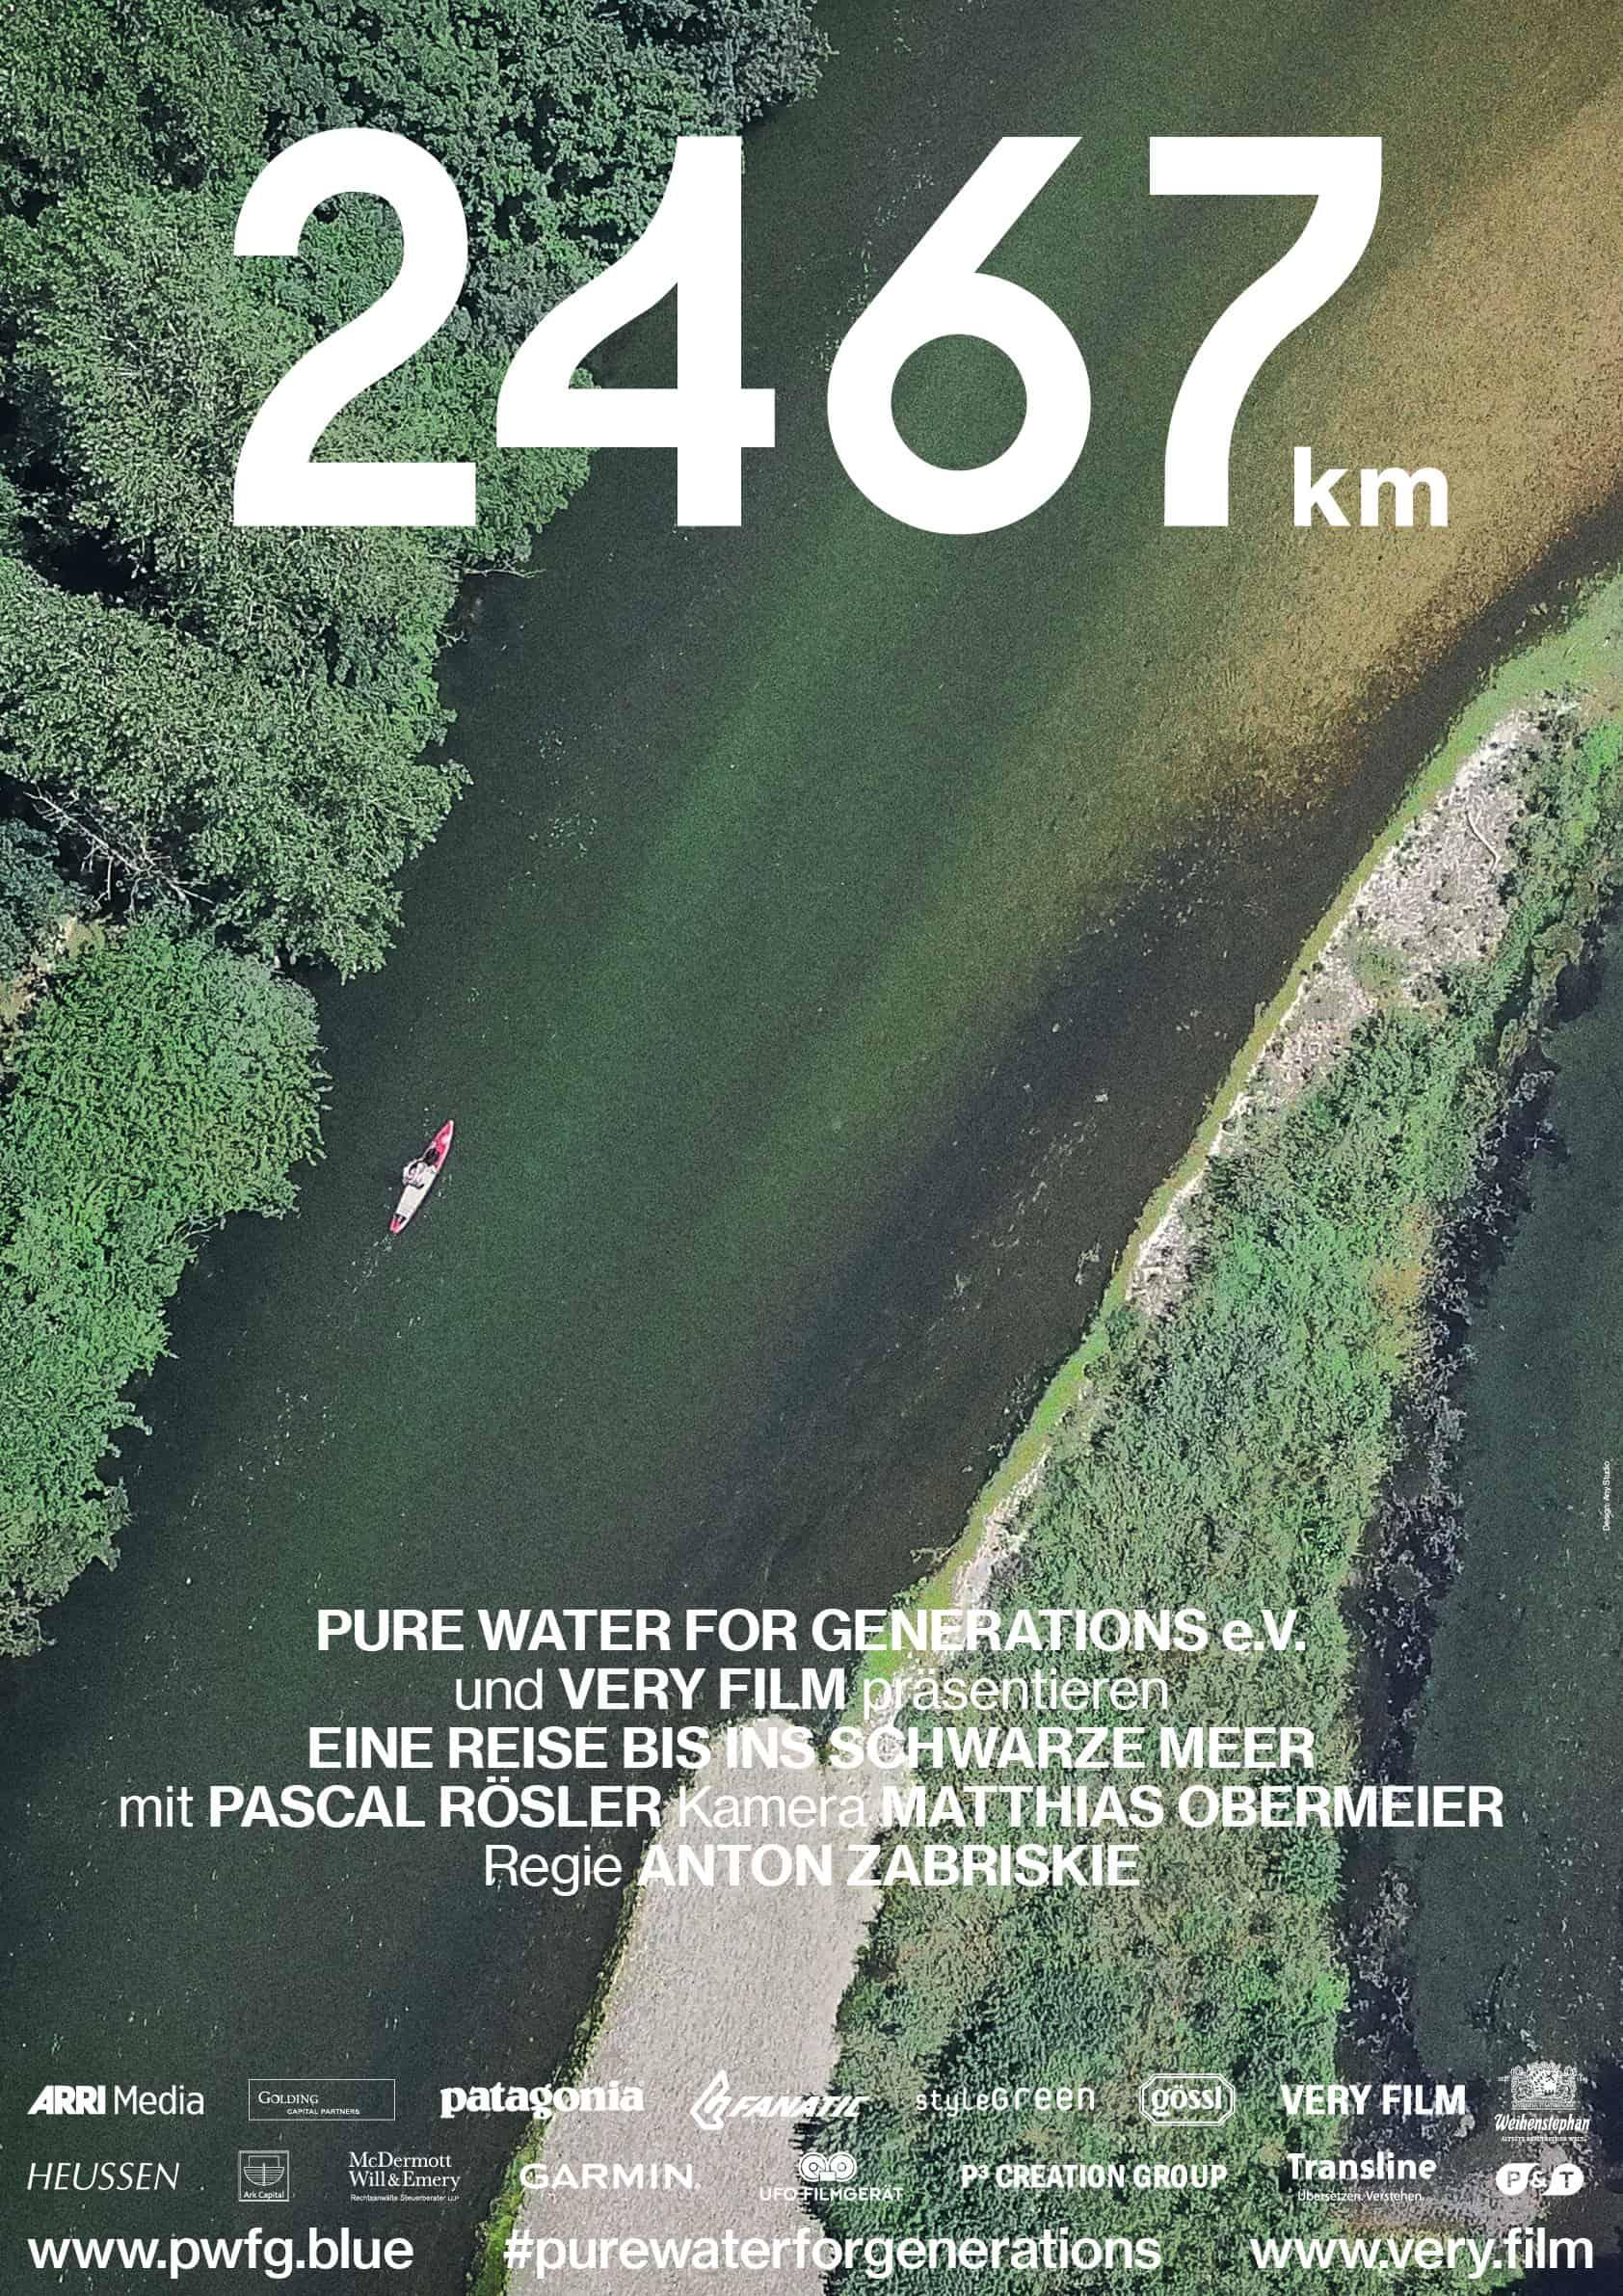 2467km-Eine-Reise-bis-ins-Schwarze-Meer-Filmpremiere-8.-Februar-2018-Filmplakat